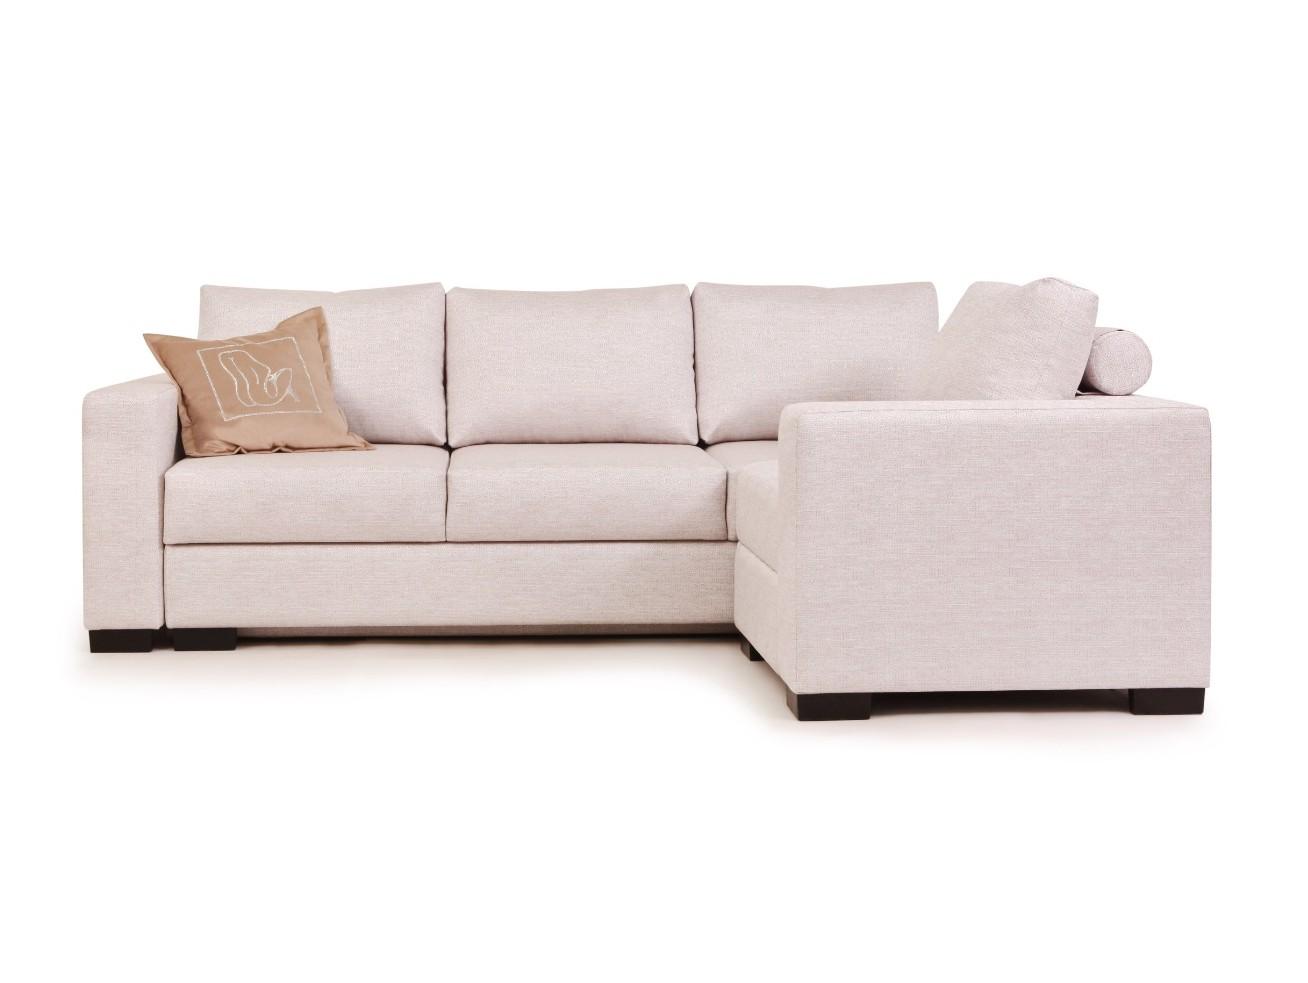 Диван СофияПрямые раскладные диваны<br>Строгая и современная форма дивана &amp;quot;София&amp;quot; обязательно обратит Ваше внимание. Самостоятельные элементы позволят вам менять комплектацию - угловой диван или прямой и самостоятельное кресло.&amp;amp;nbsp;&amp;lt;div&amp;gt;&amp;lt;br&amp;gt;&amp;lt;/div&amp;gt;&amp;lt;div&amp;gt;Декоративные подушки в комплект не входят&amp;lt;br&amp;gt;&amp;lt;/div&amp;gt;&amp;lt;div&amp;gt;Большой выбор обивочных тканей&amp;amp;nbsp;(подробности уточняйте у менеджера).&amp;lt;/div&amp;gt;<br><br>Material: Текстиль<br>Ширина см: 250<br>Высота см: 90<br>Глубина см: 190